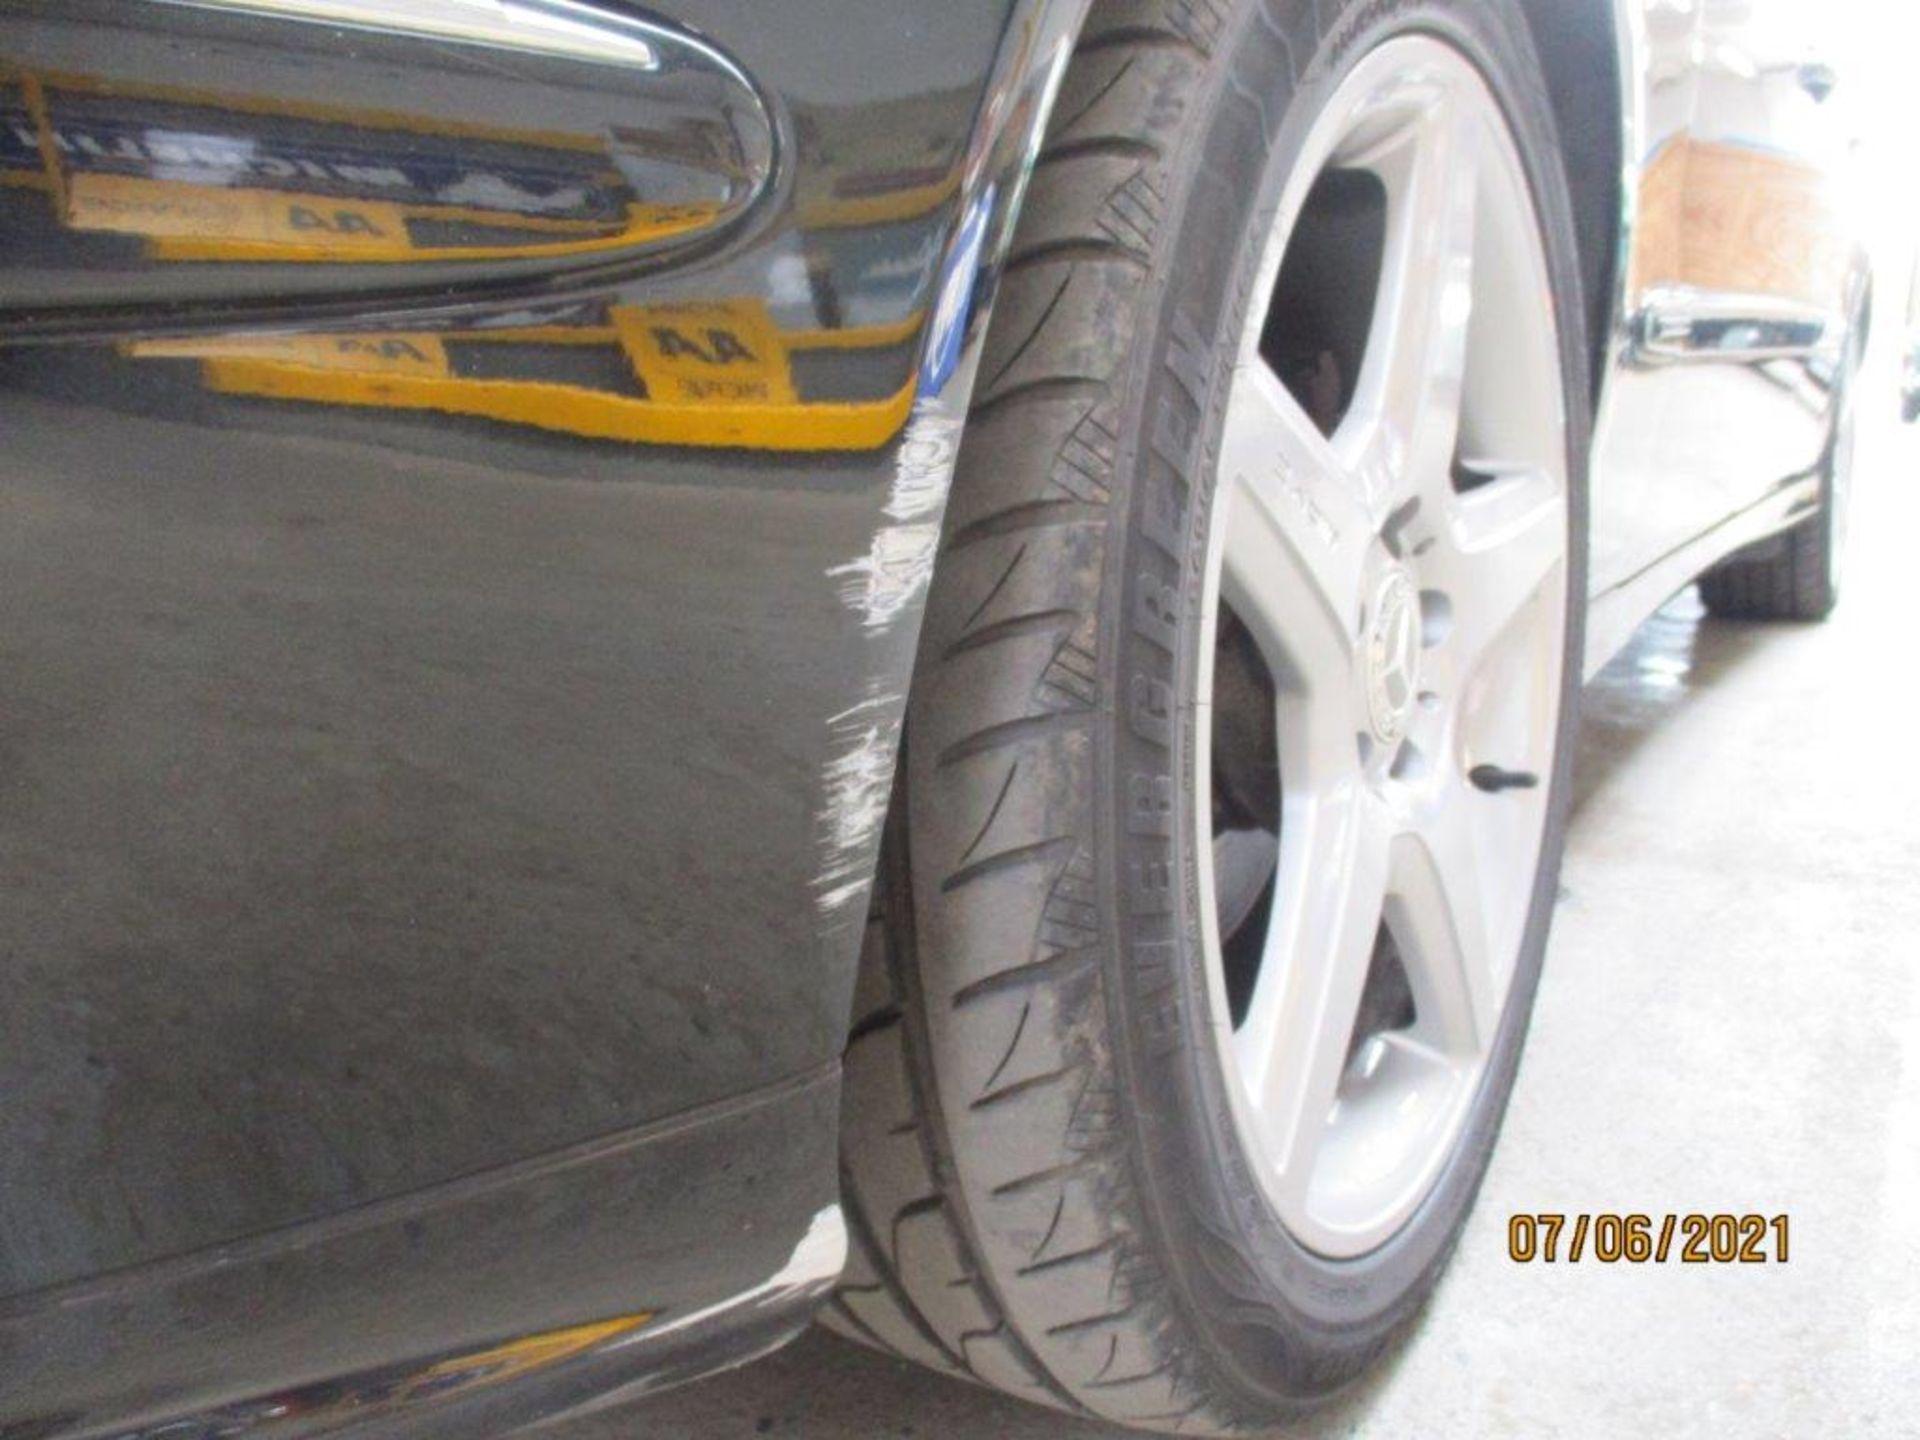 55 05 Mercedes E320 CDI Avantagarde - Image 8 of 19